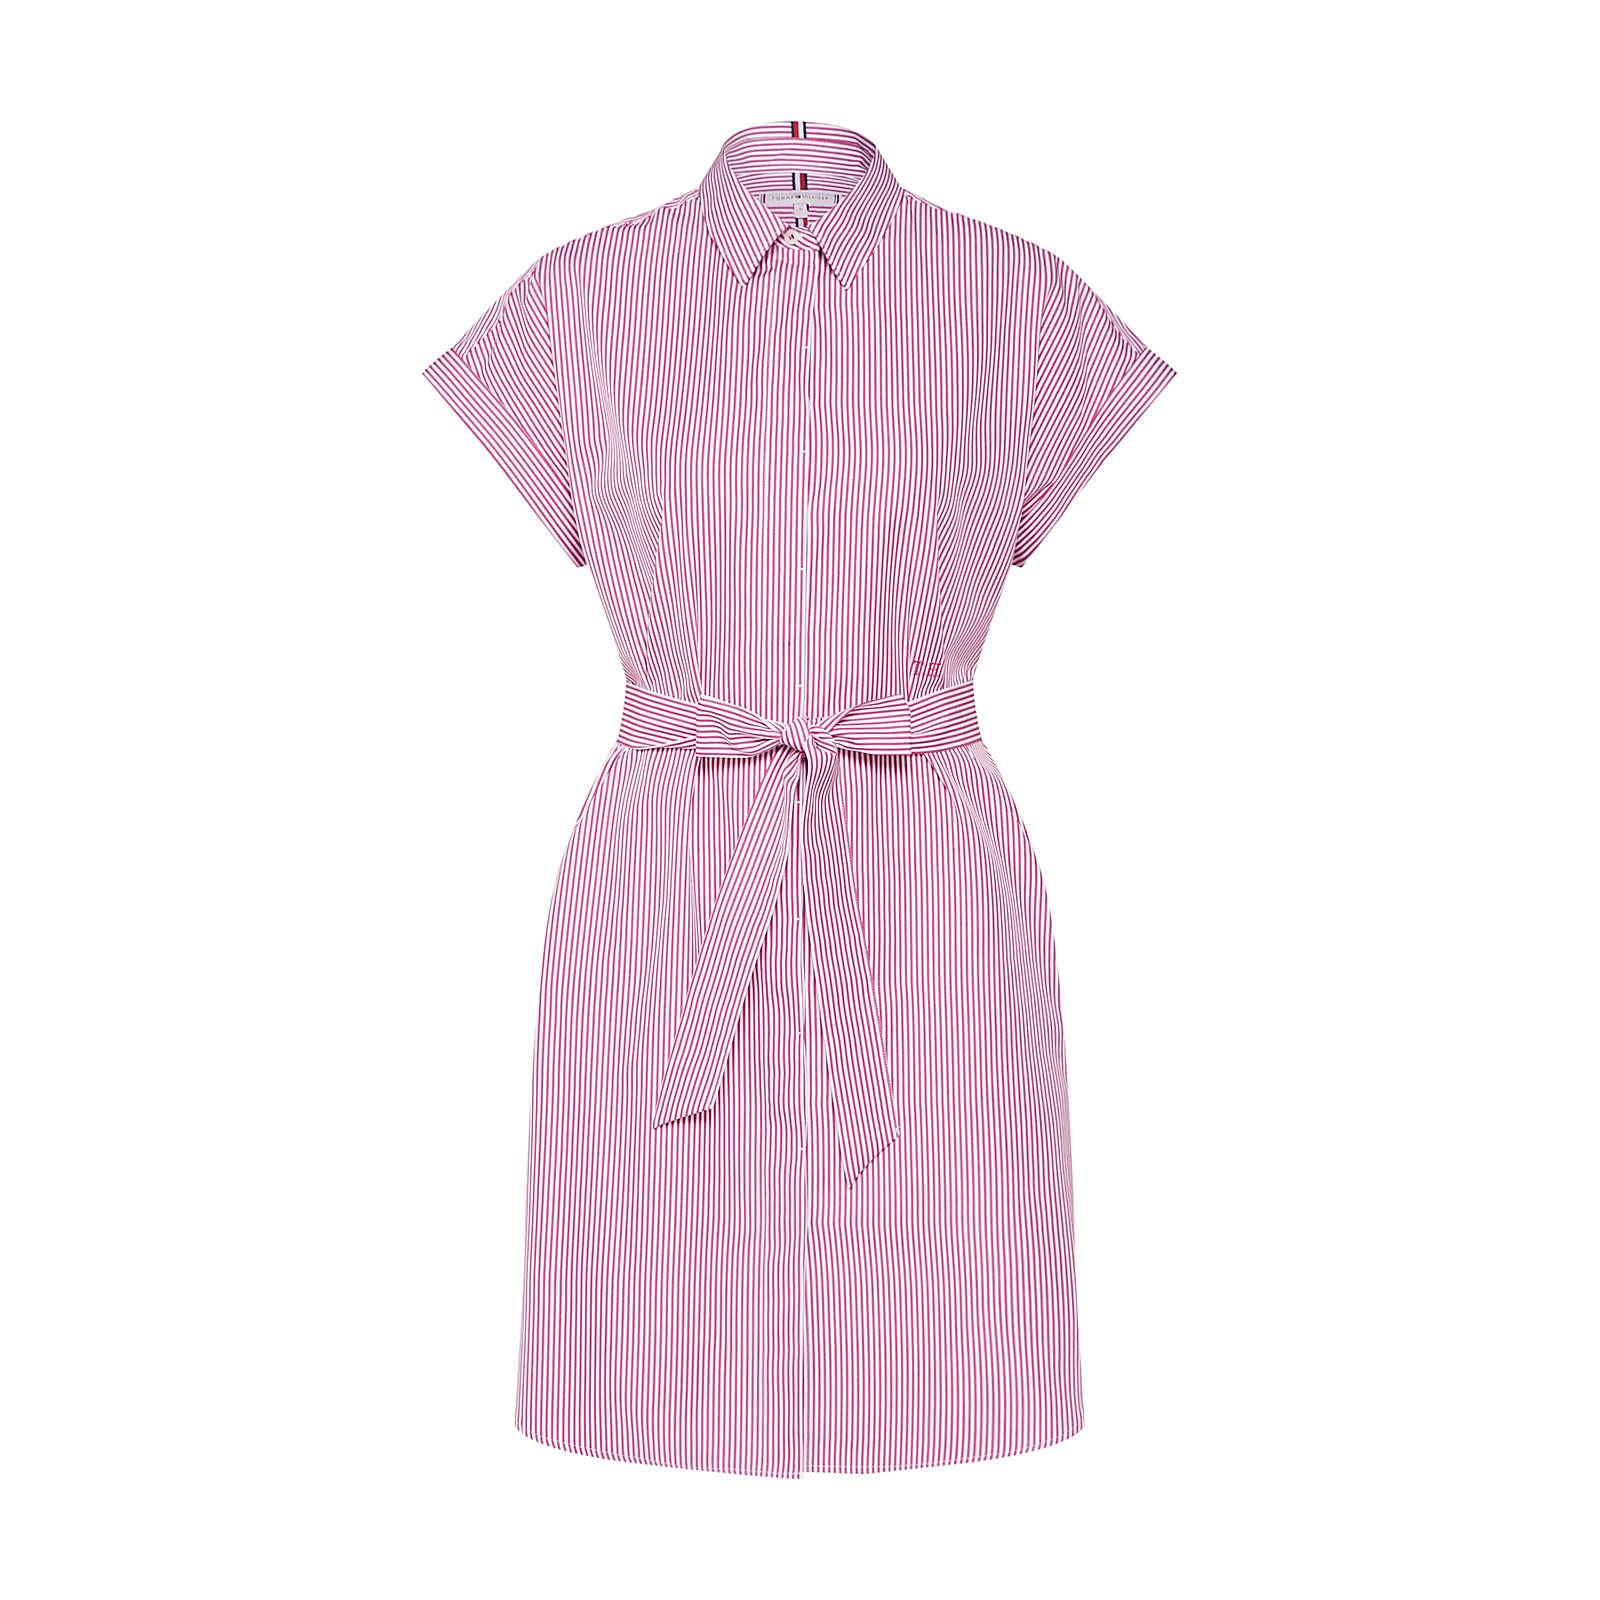 TOMMY HILFIGER Blusenkleid Blusenkleider weiß Damen Gr. 36